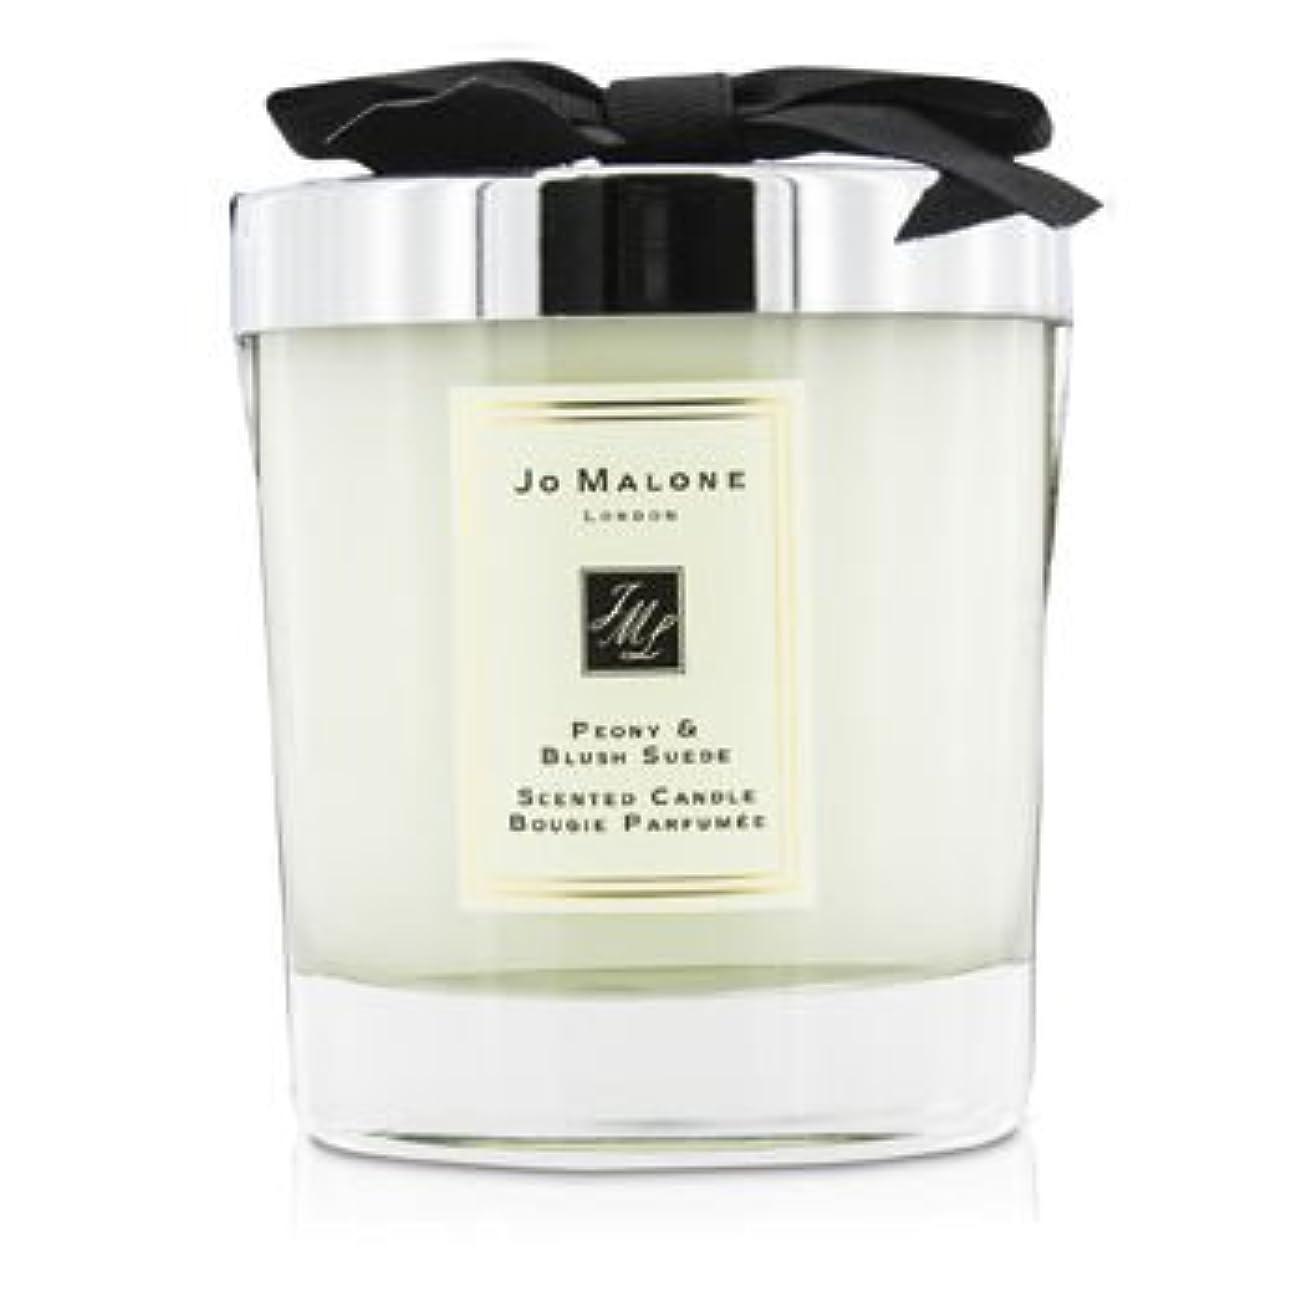 慢感動するおびえた[Jo Malone(ジョーマローン)] ピオニー&ブラッシュスエード香りのキャンドル 200g (2.5 inch)